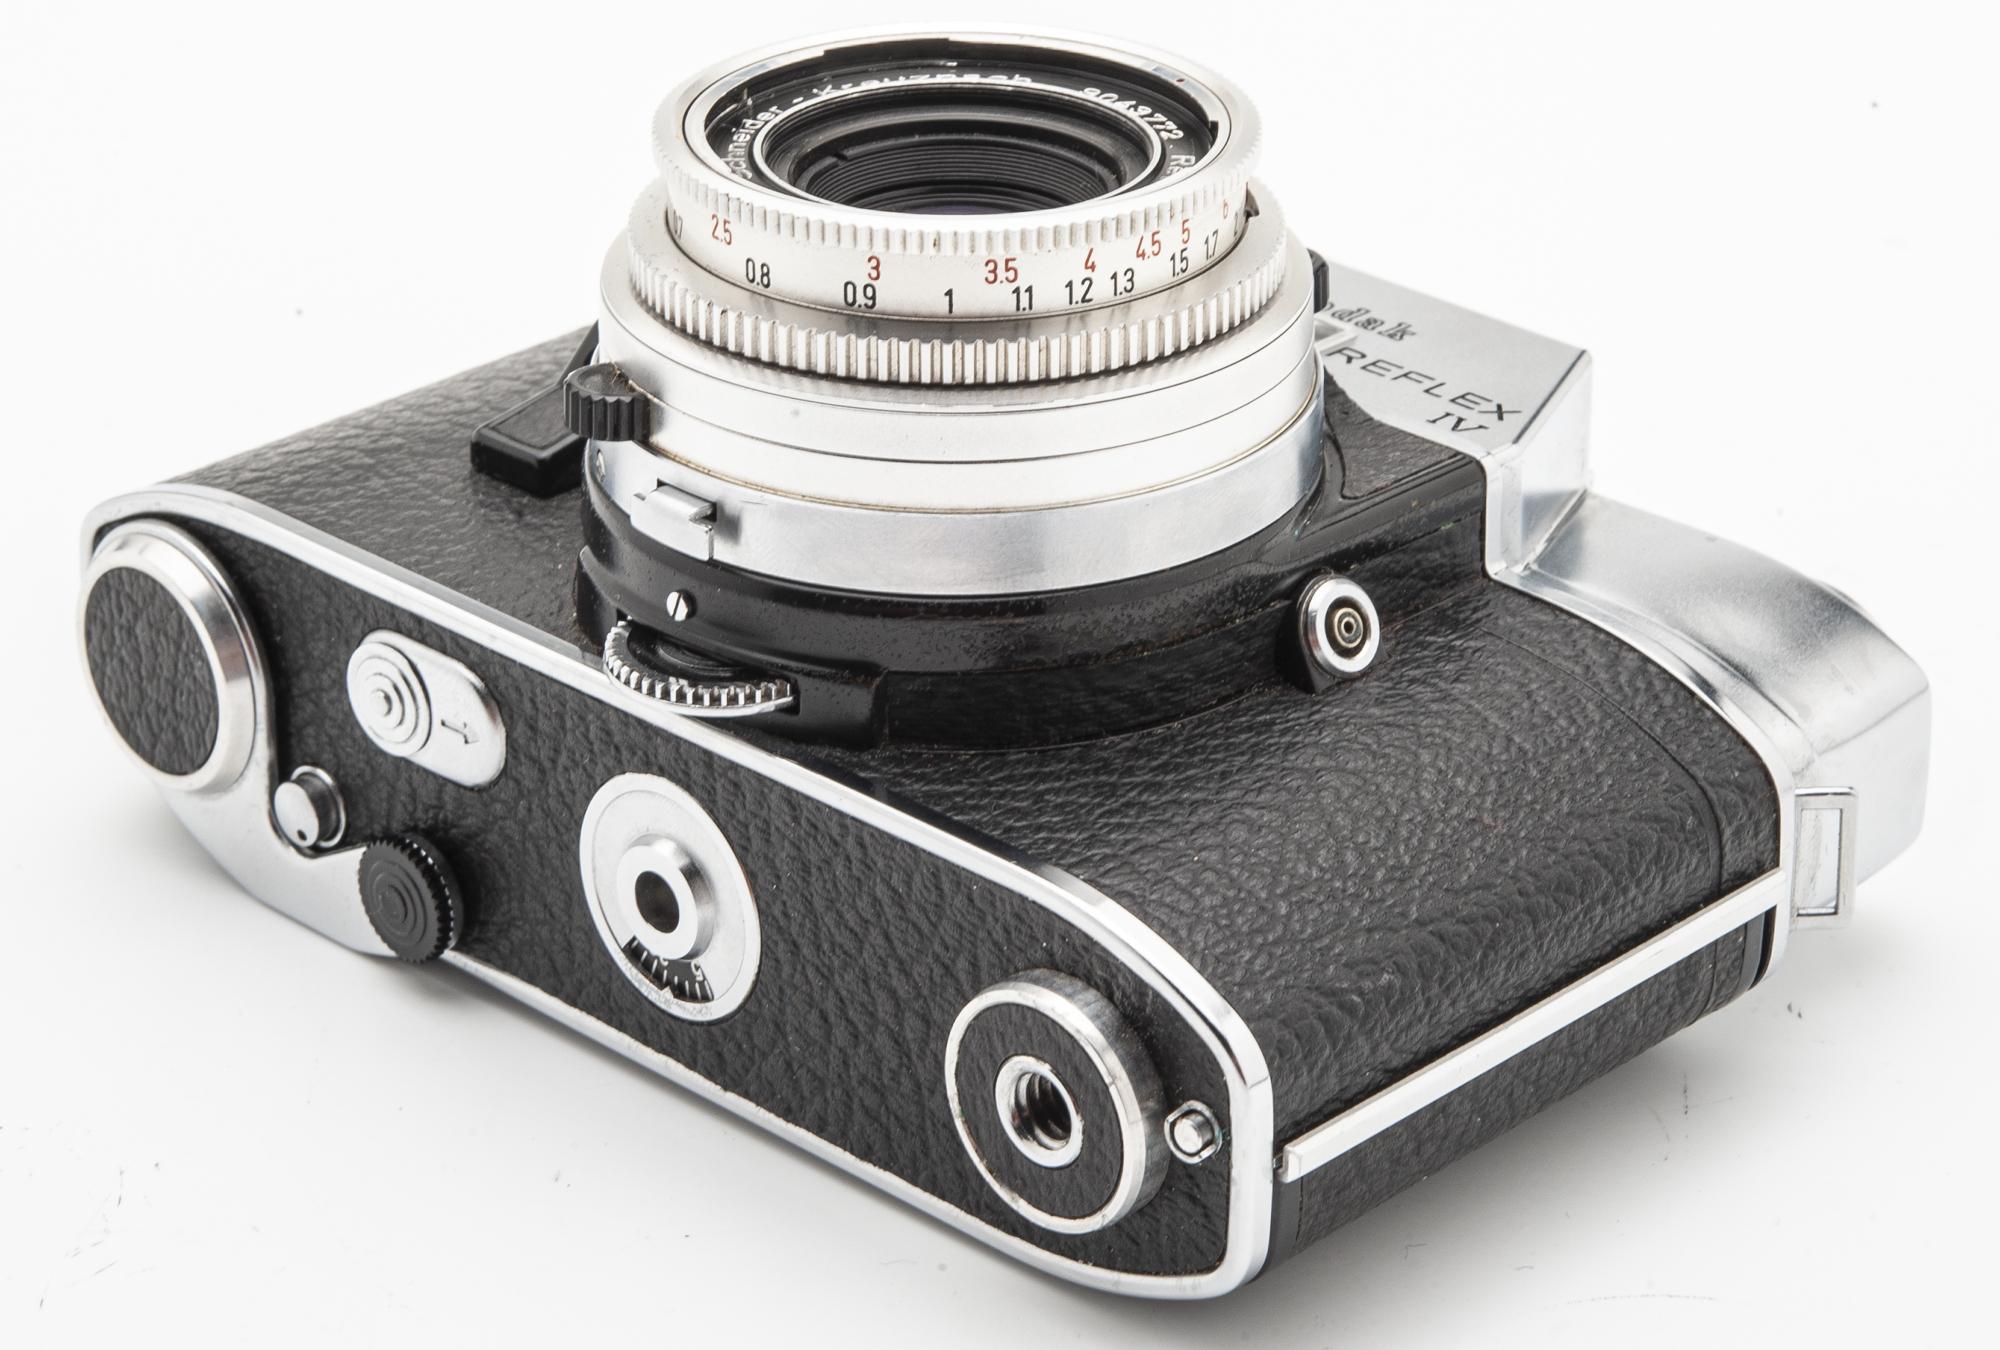 Kodak Retina Reflex IV analoge Spiegelreflexkamera - Schneider Xenar 2.8 50mm